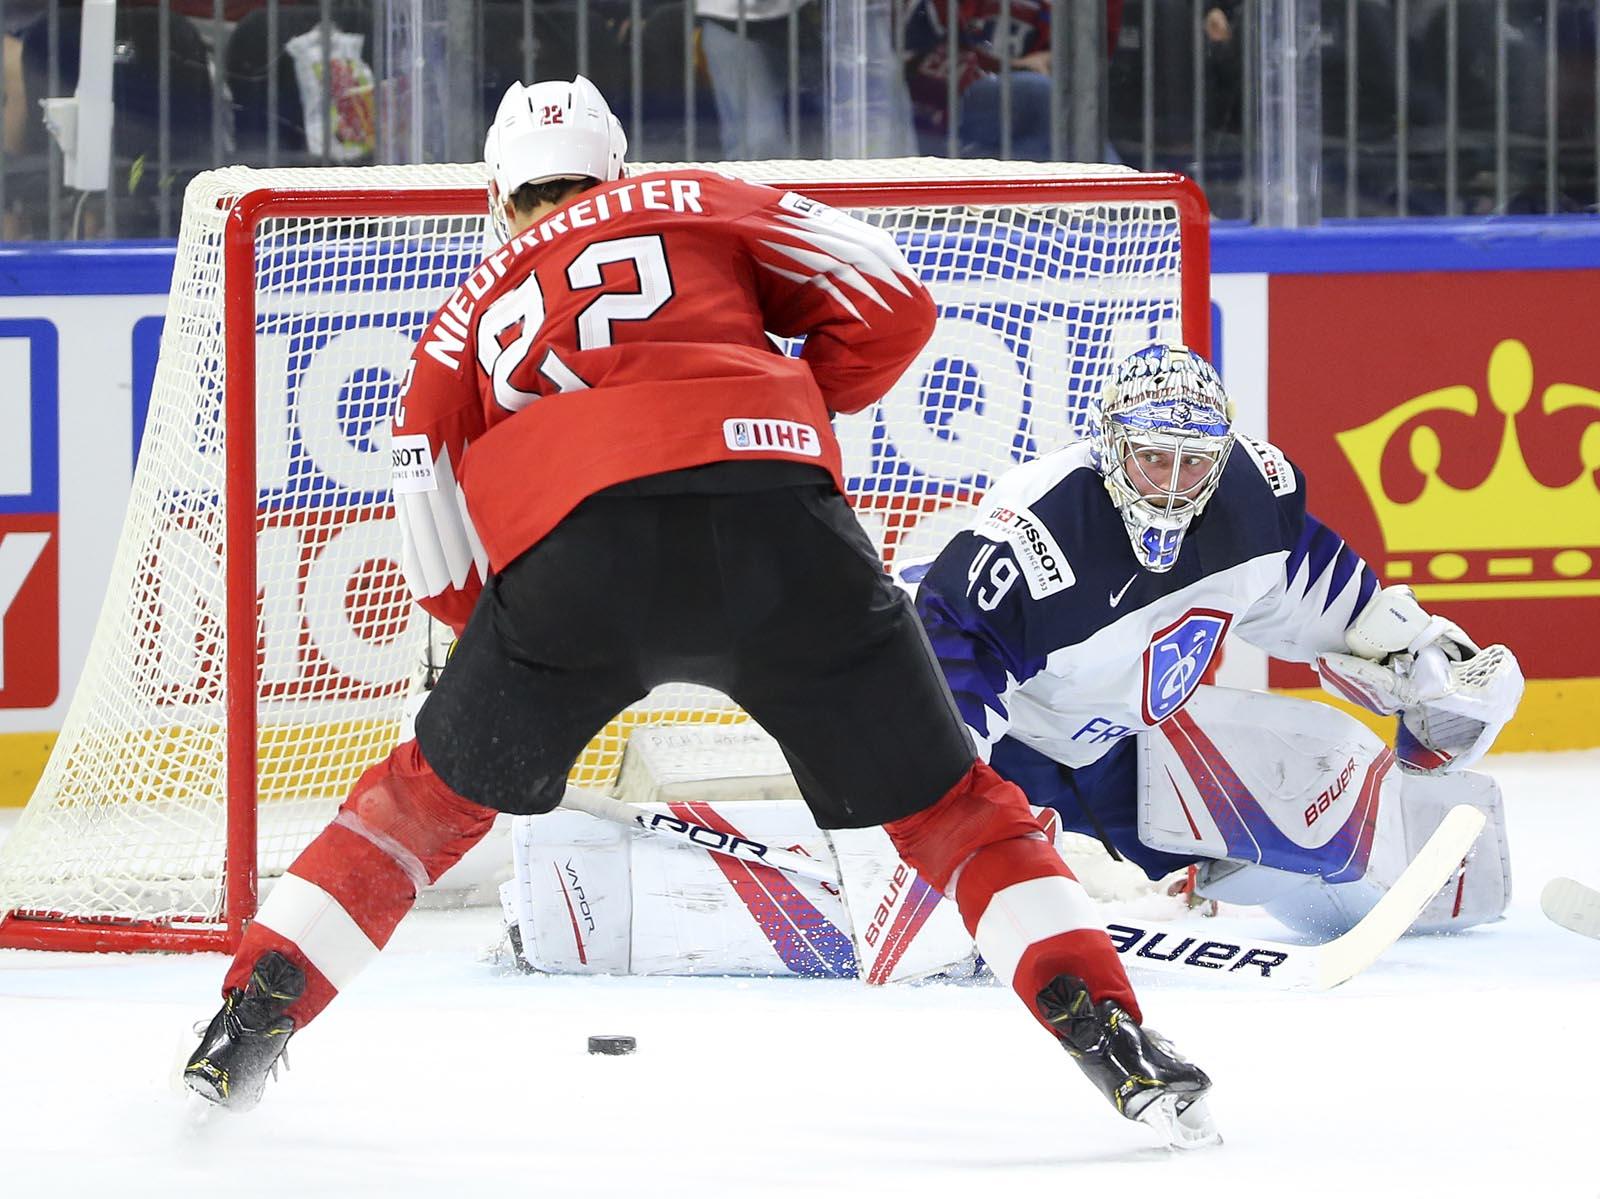 Eishockey PUCK WM 2018 DENMARK Weitere Wintersportarten